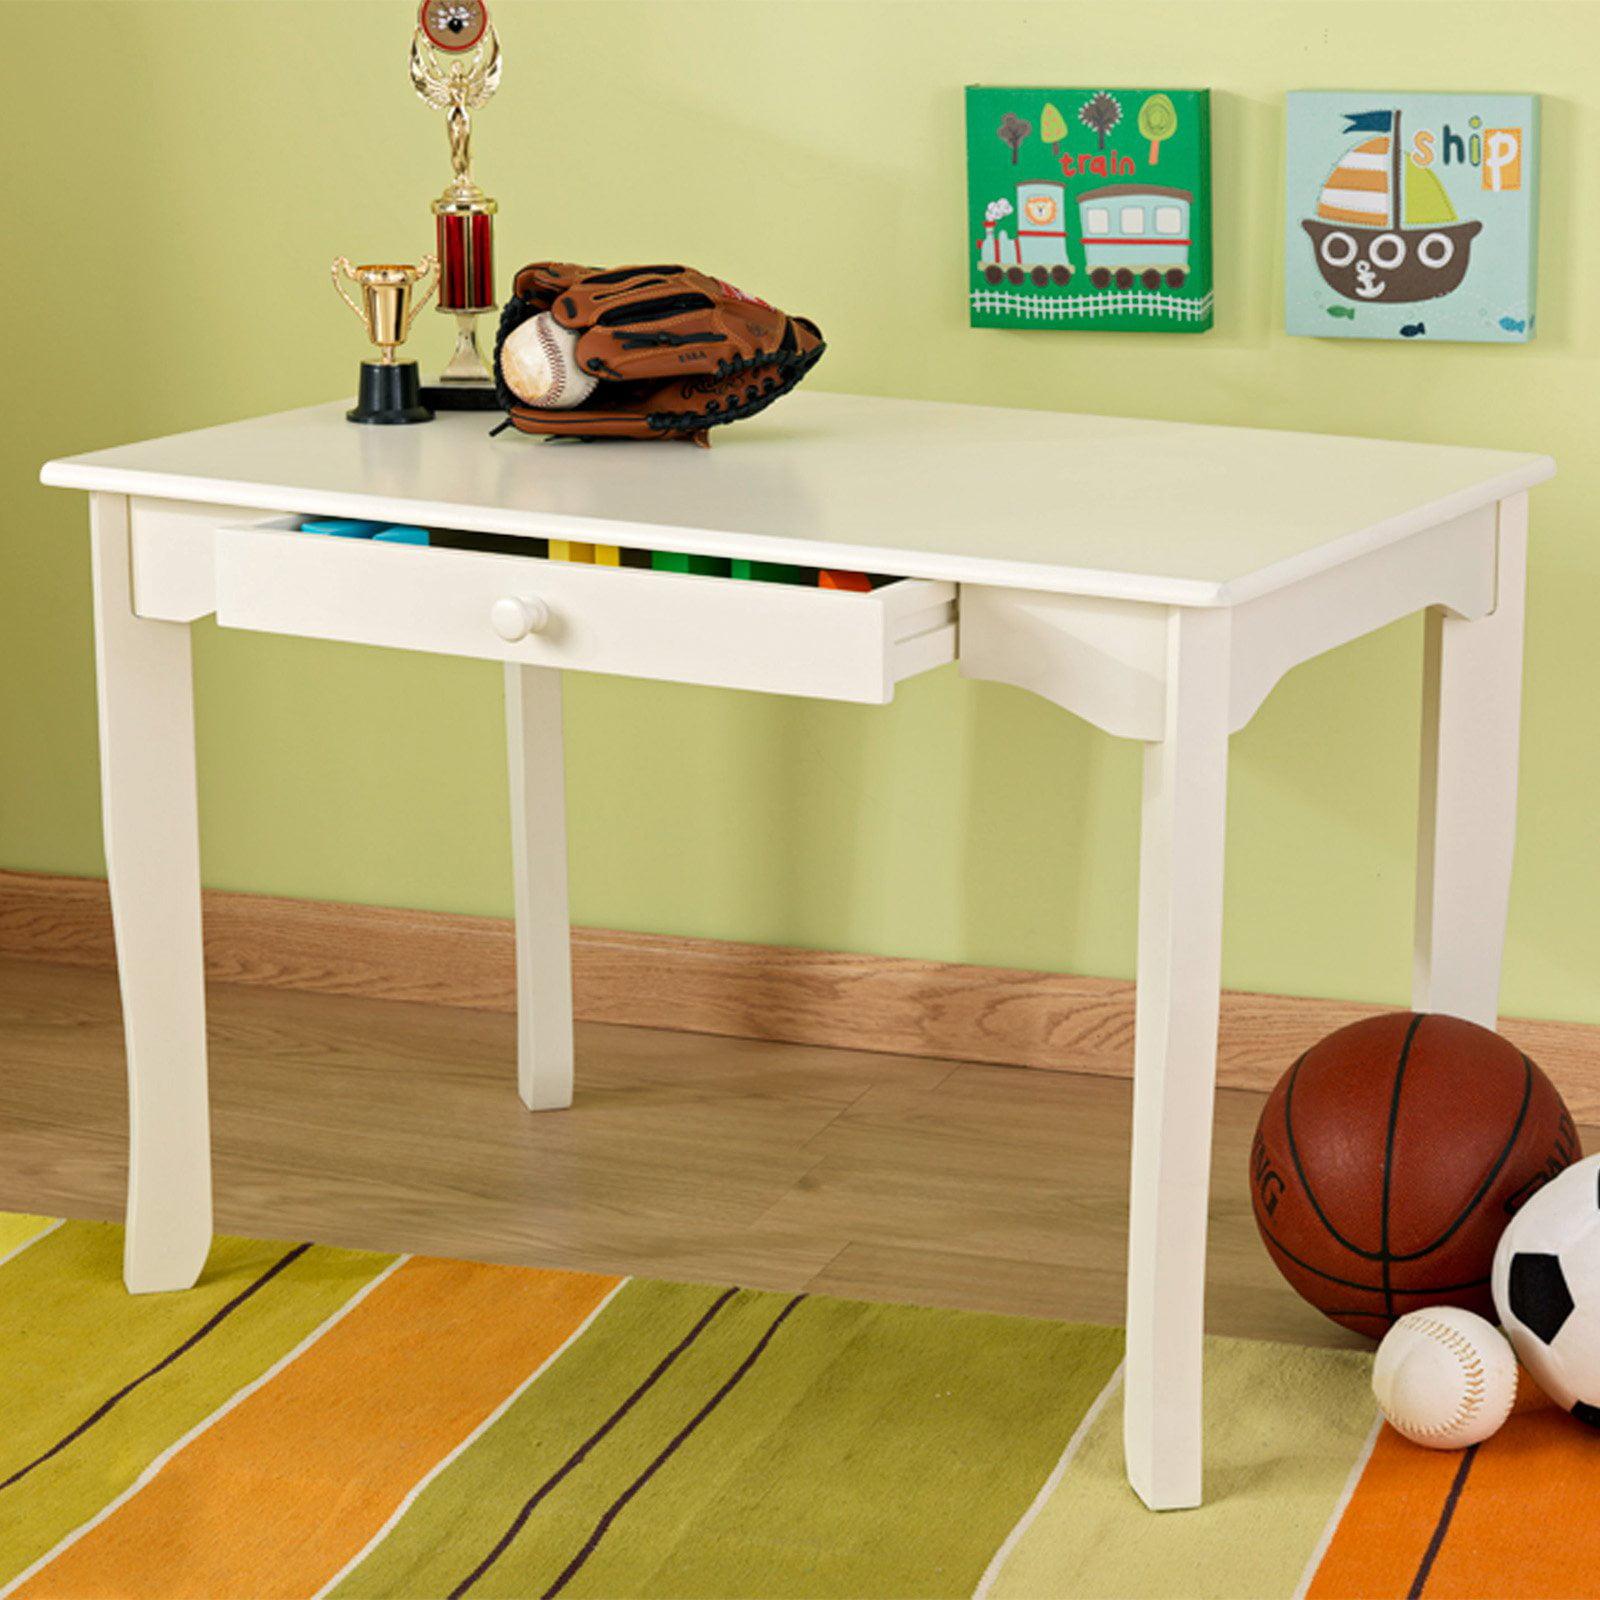 KidKraft Vanilla Avalon Table - Create Your Own Set! - 26634 ...